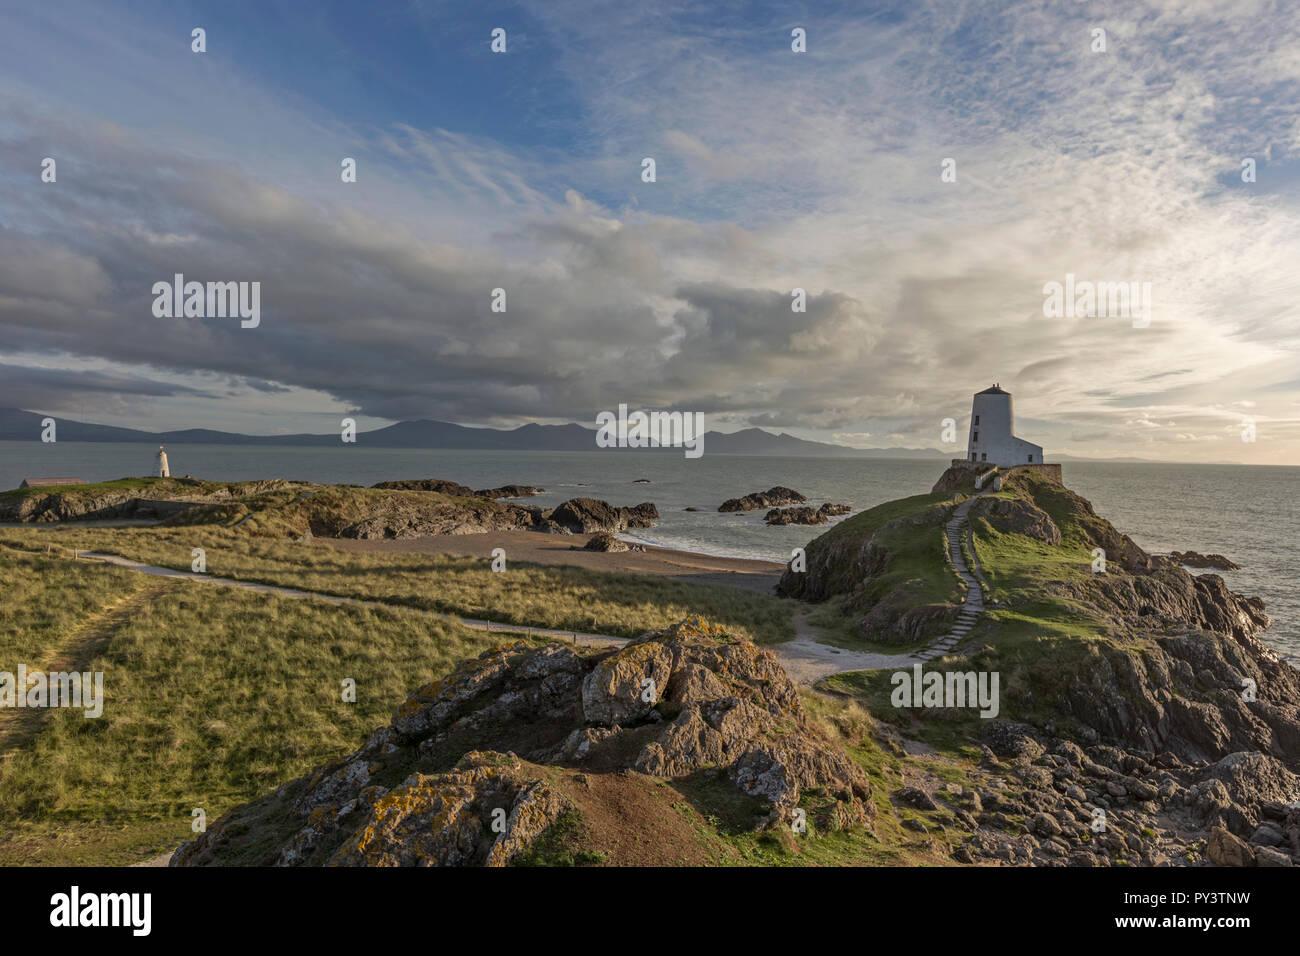 Luz del atardecer sobre la isla Llanddwyn, Anglesey, Norte de Gales, Reino Unido Foto de stock